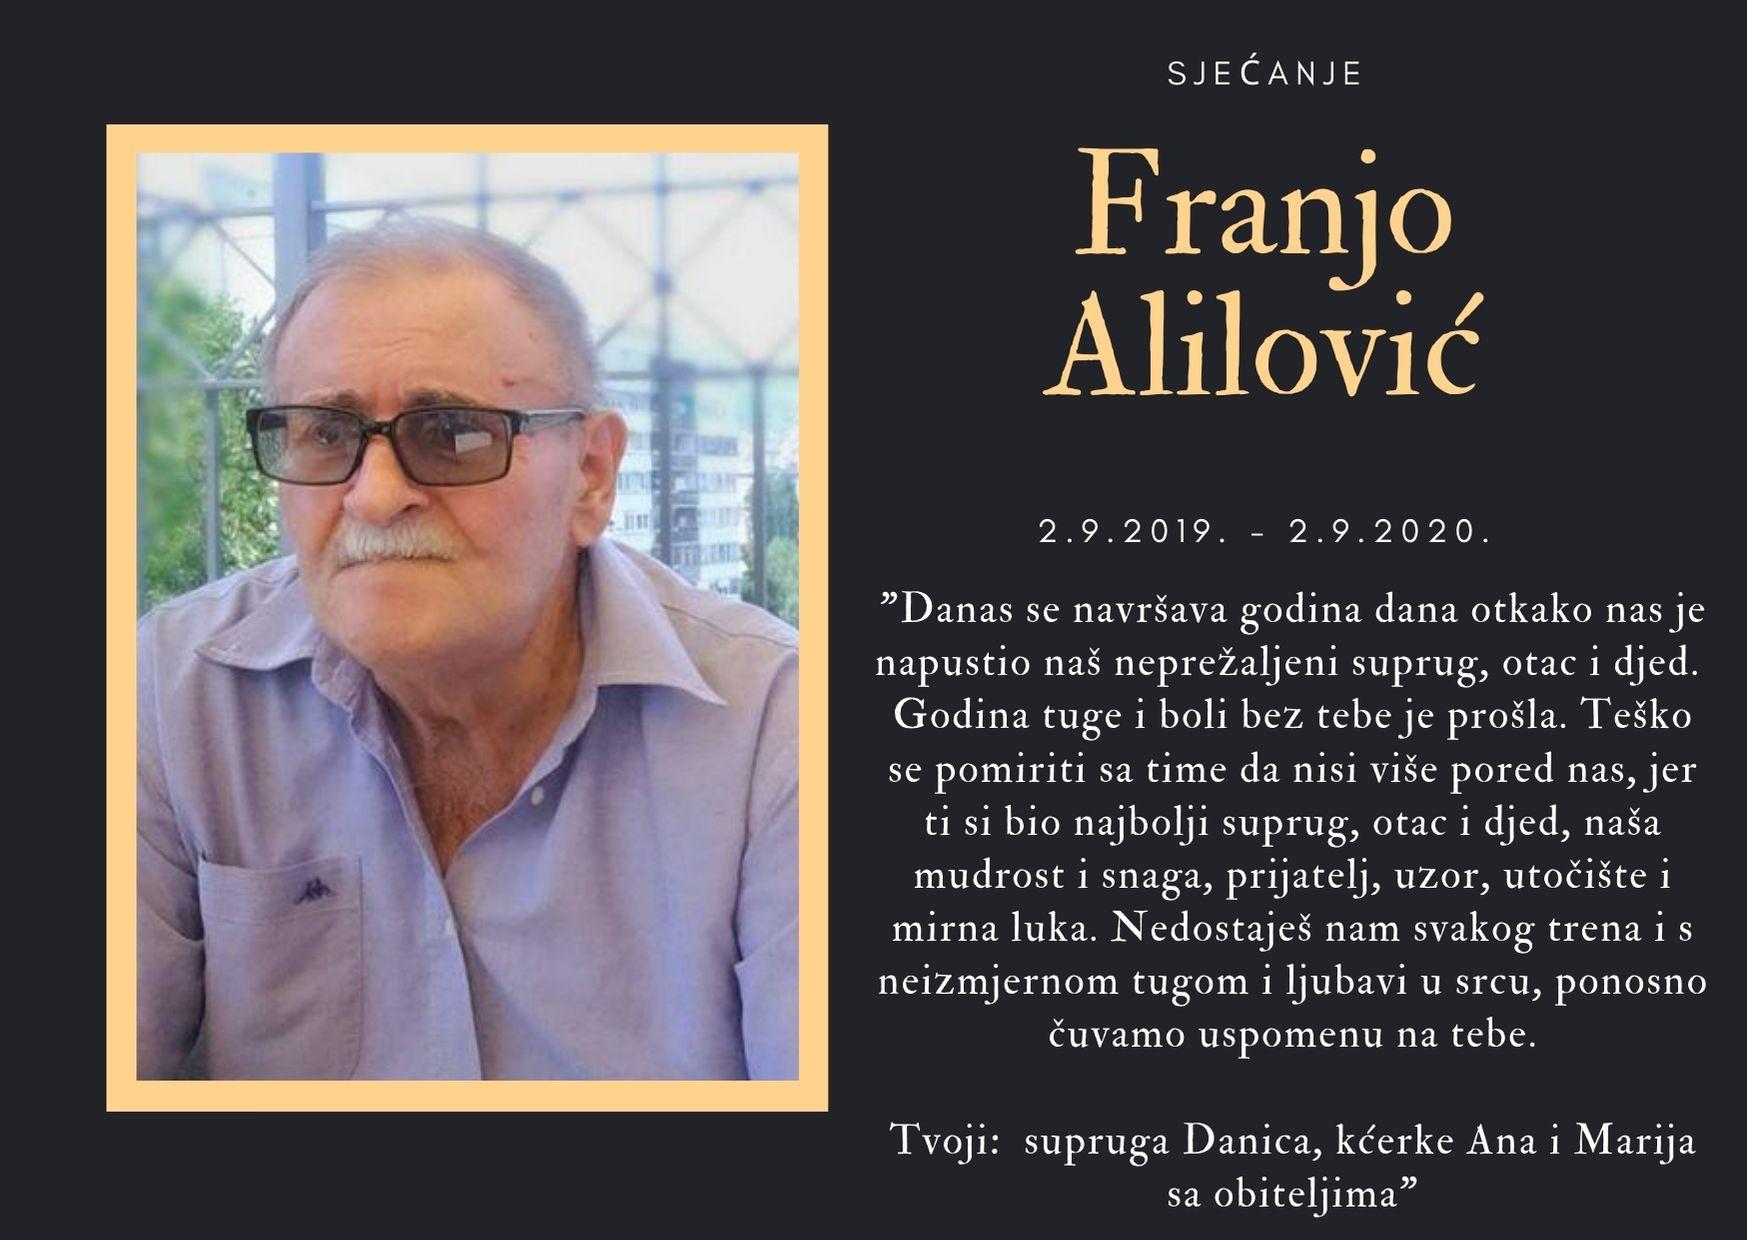 Sjećanje: Franjo Alilović